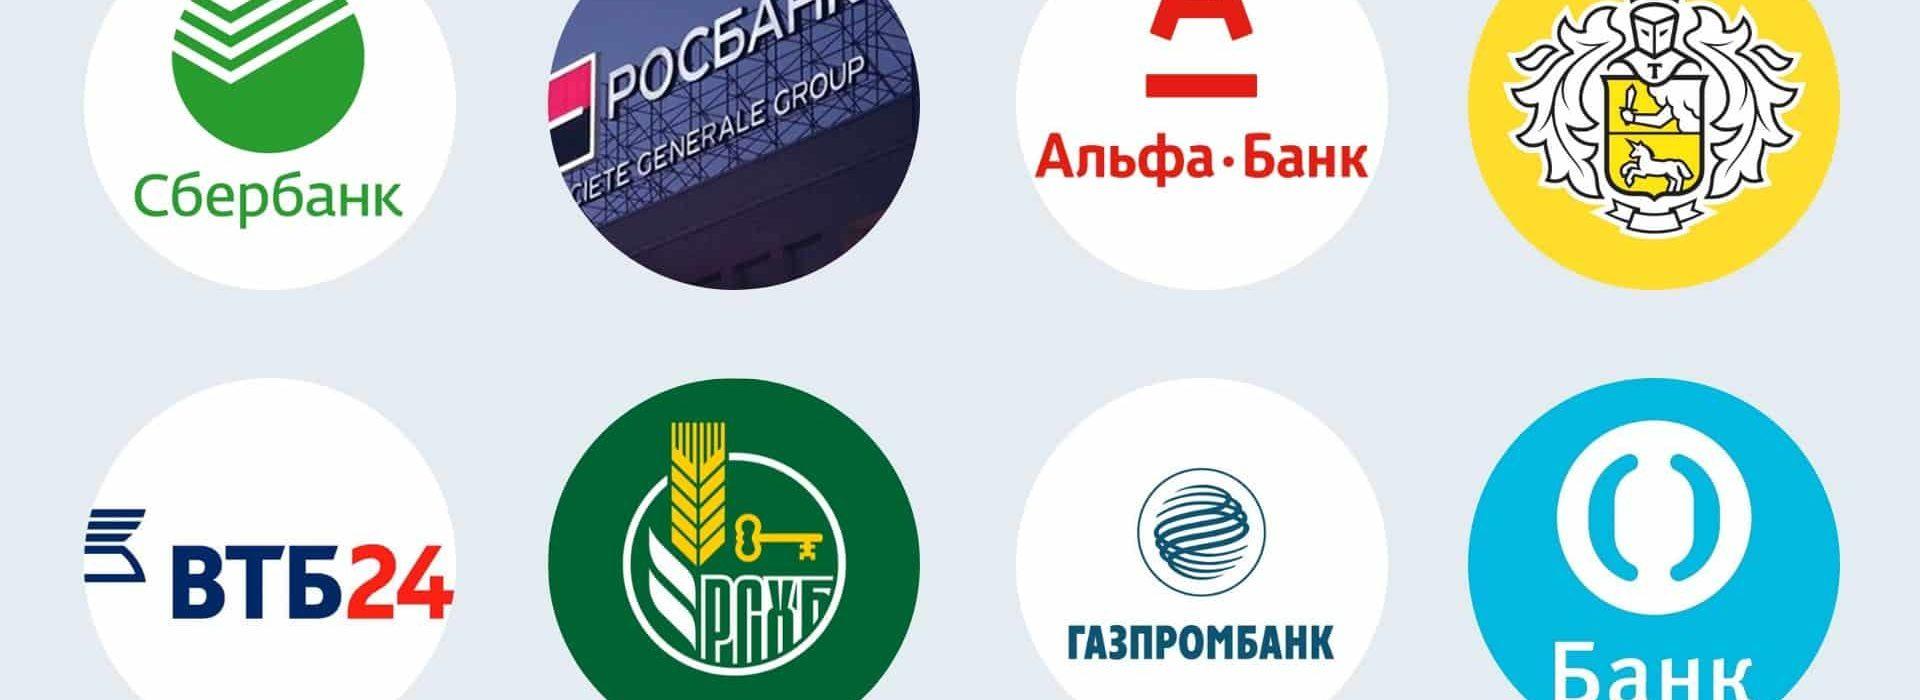 Банки в России список 2020